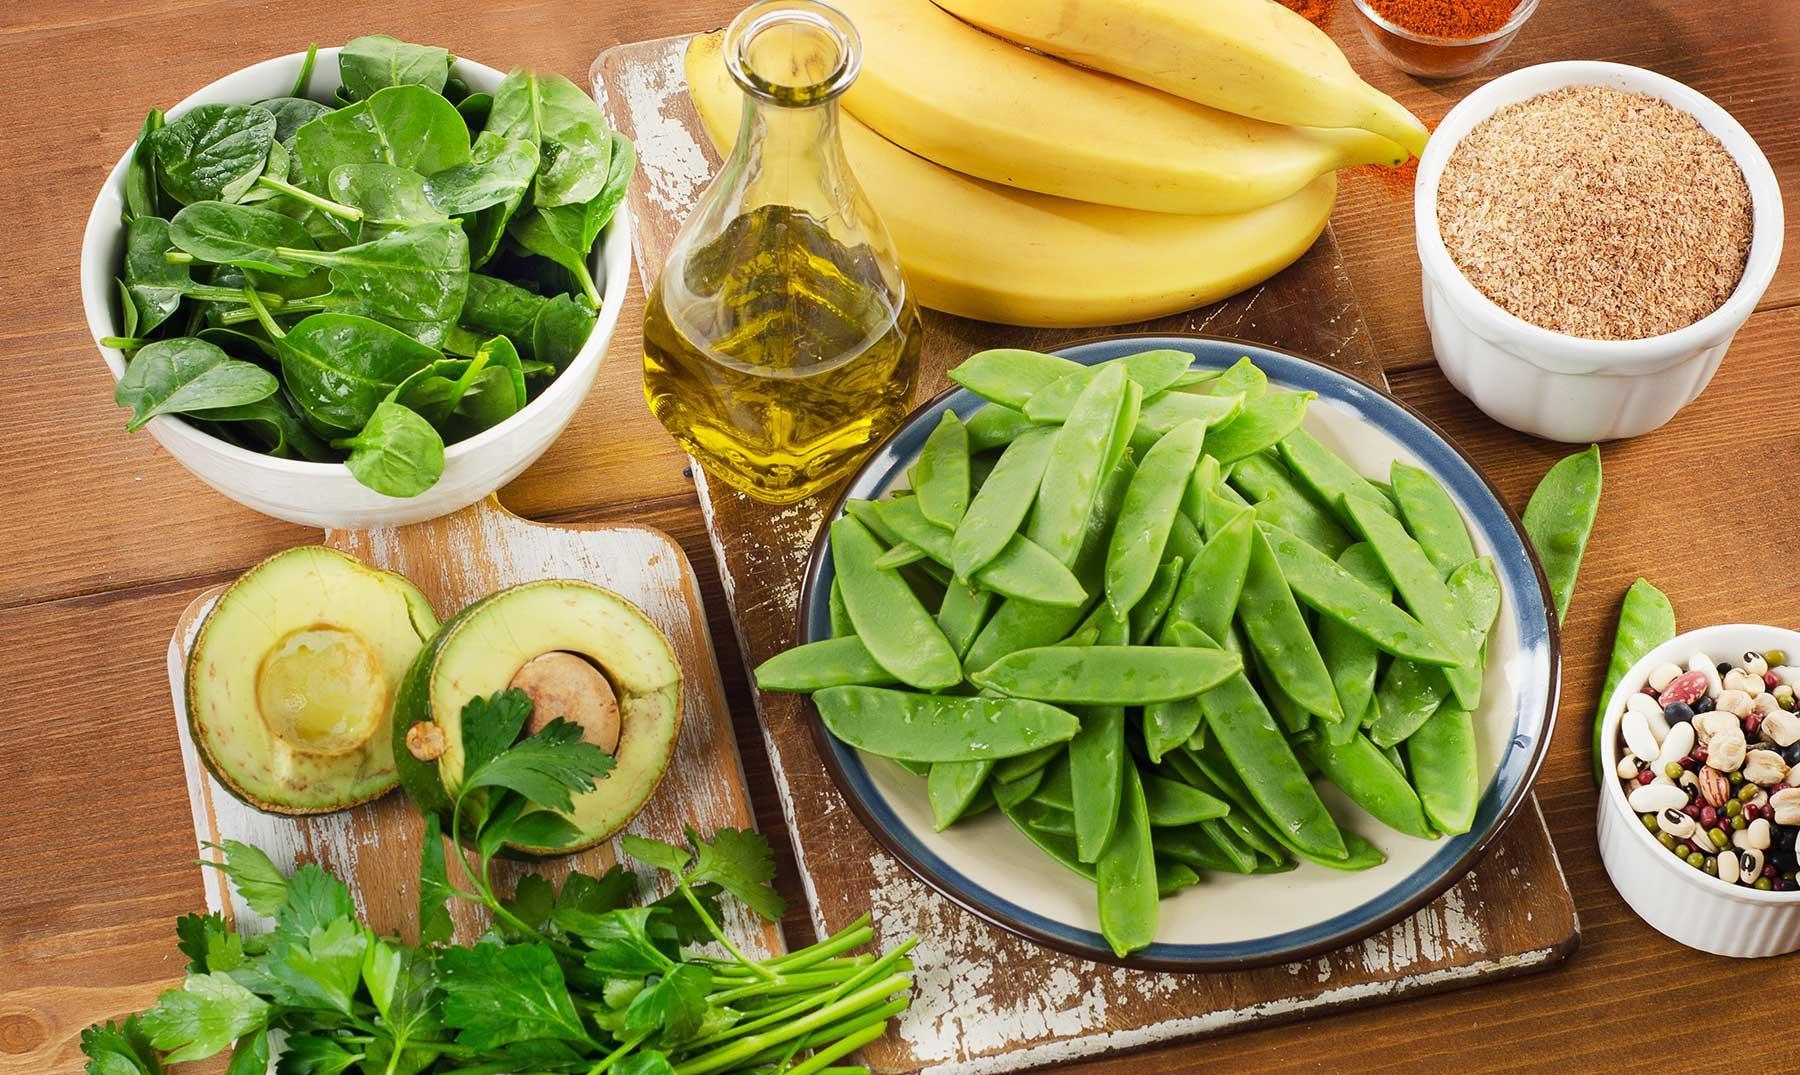 Nuevos descubrimientos sobre la vitamina K